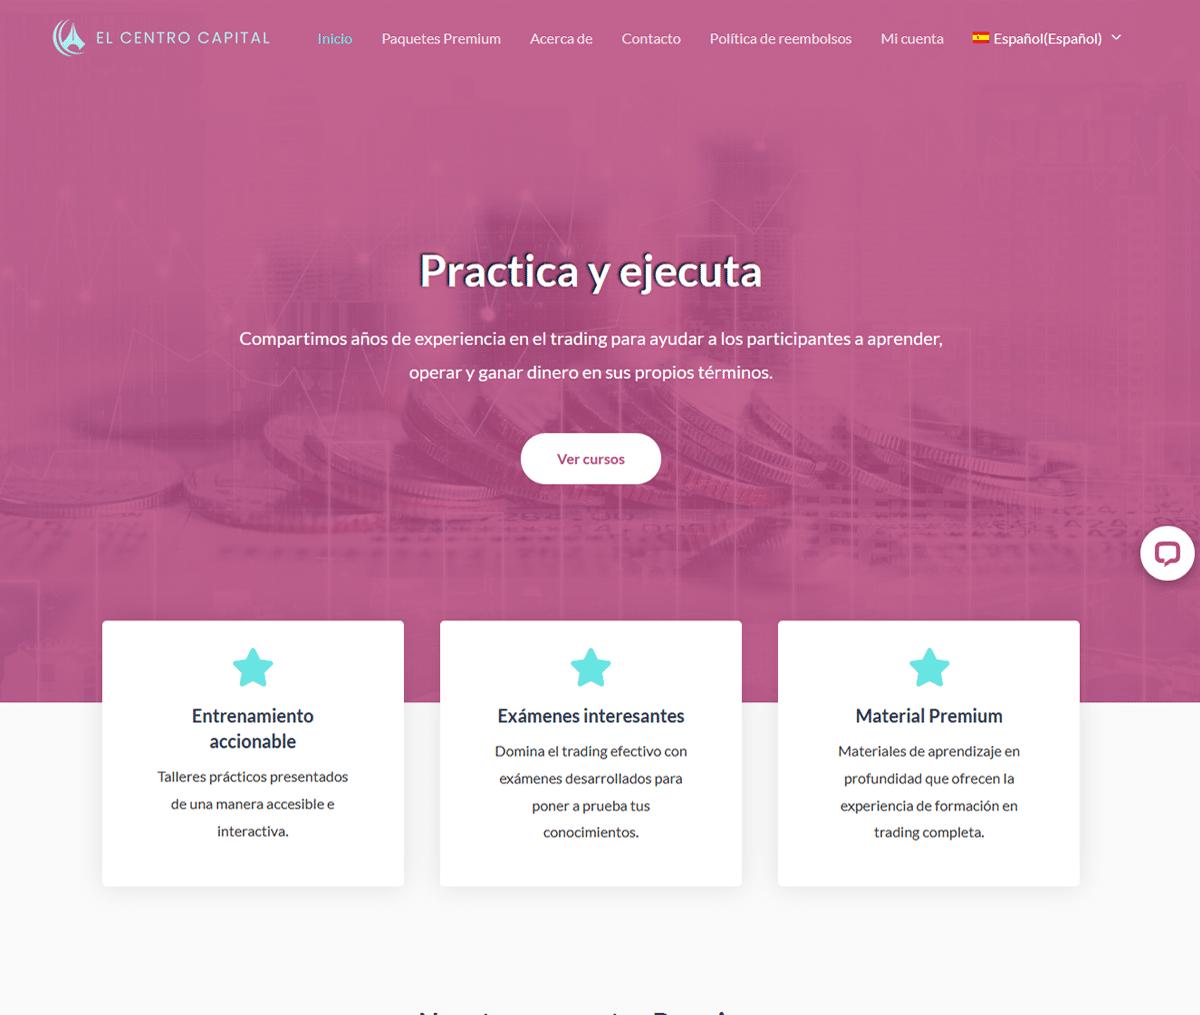 Página web de El Centro Capital